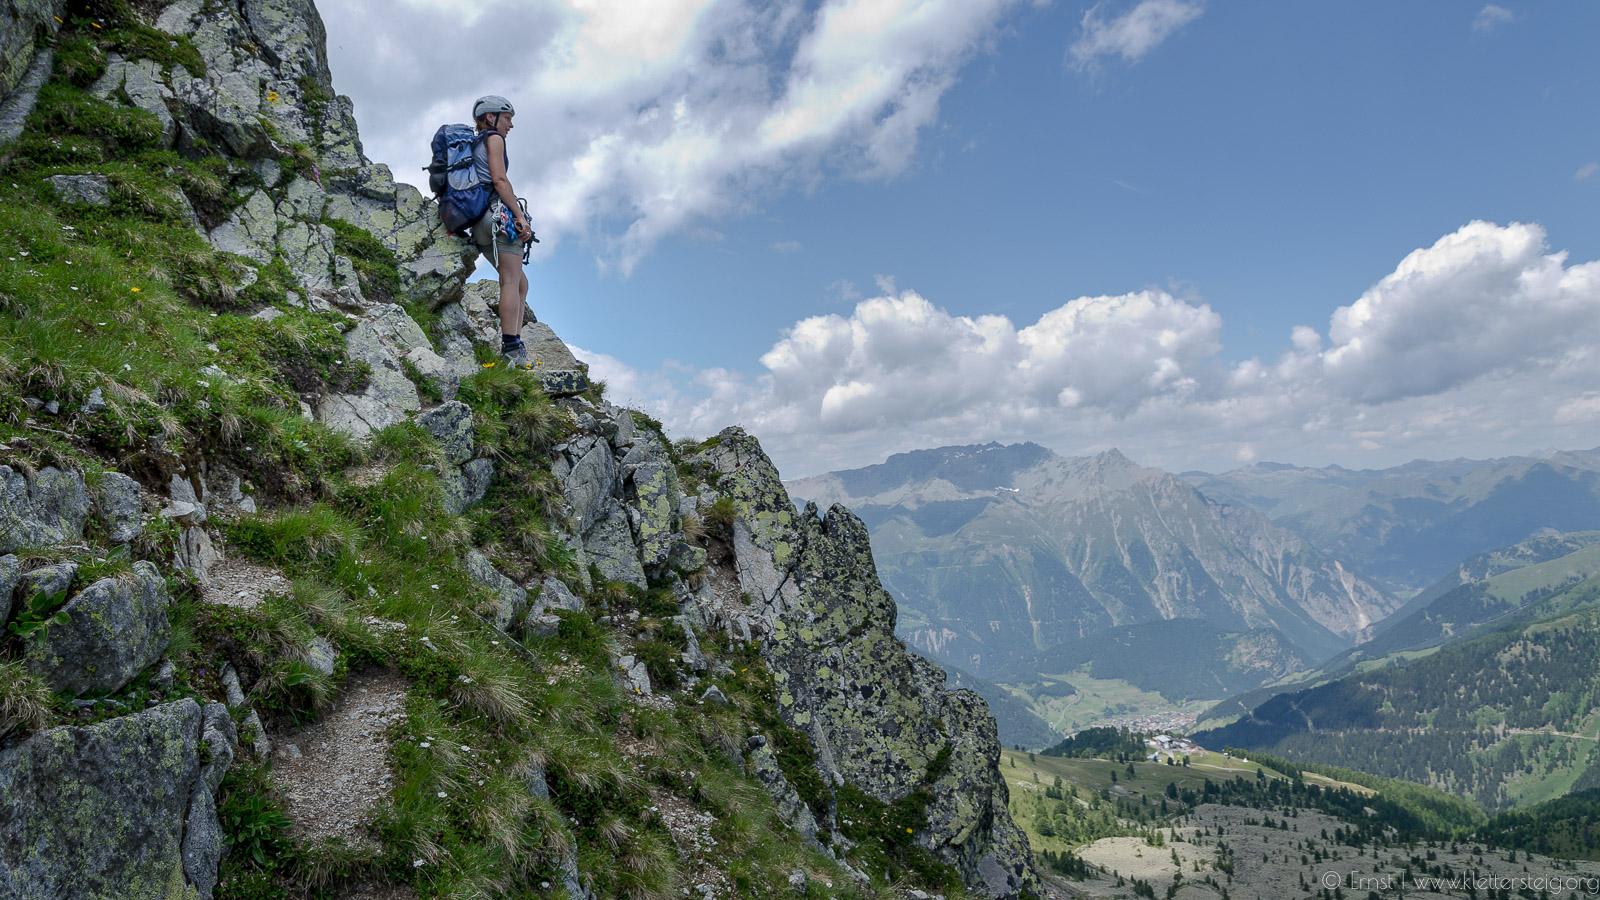 Klettersteig Nauders : Goldweg nauders klettersteige